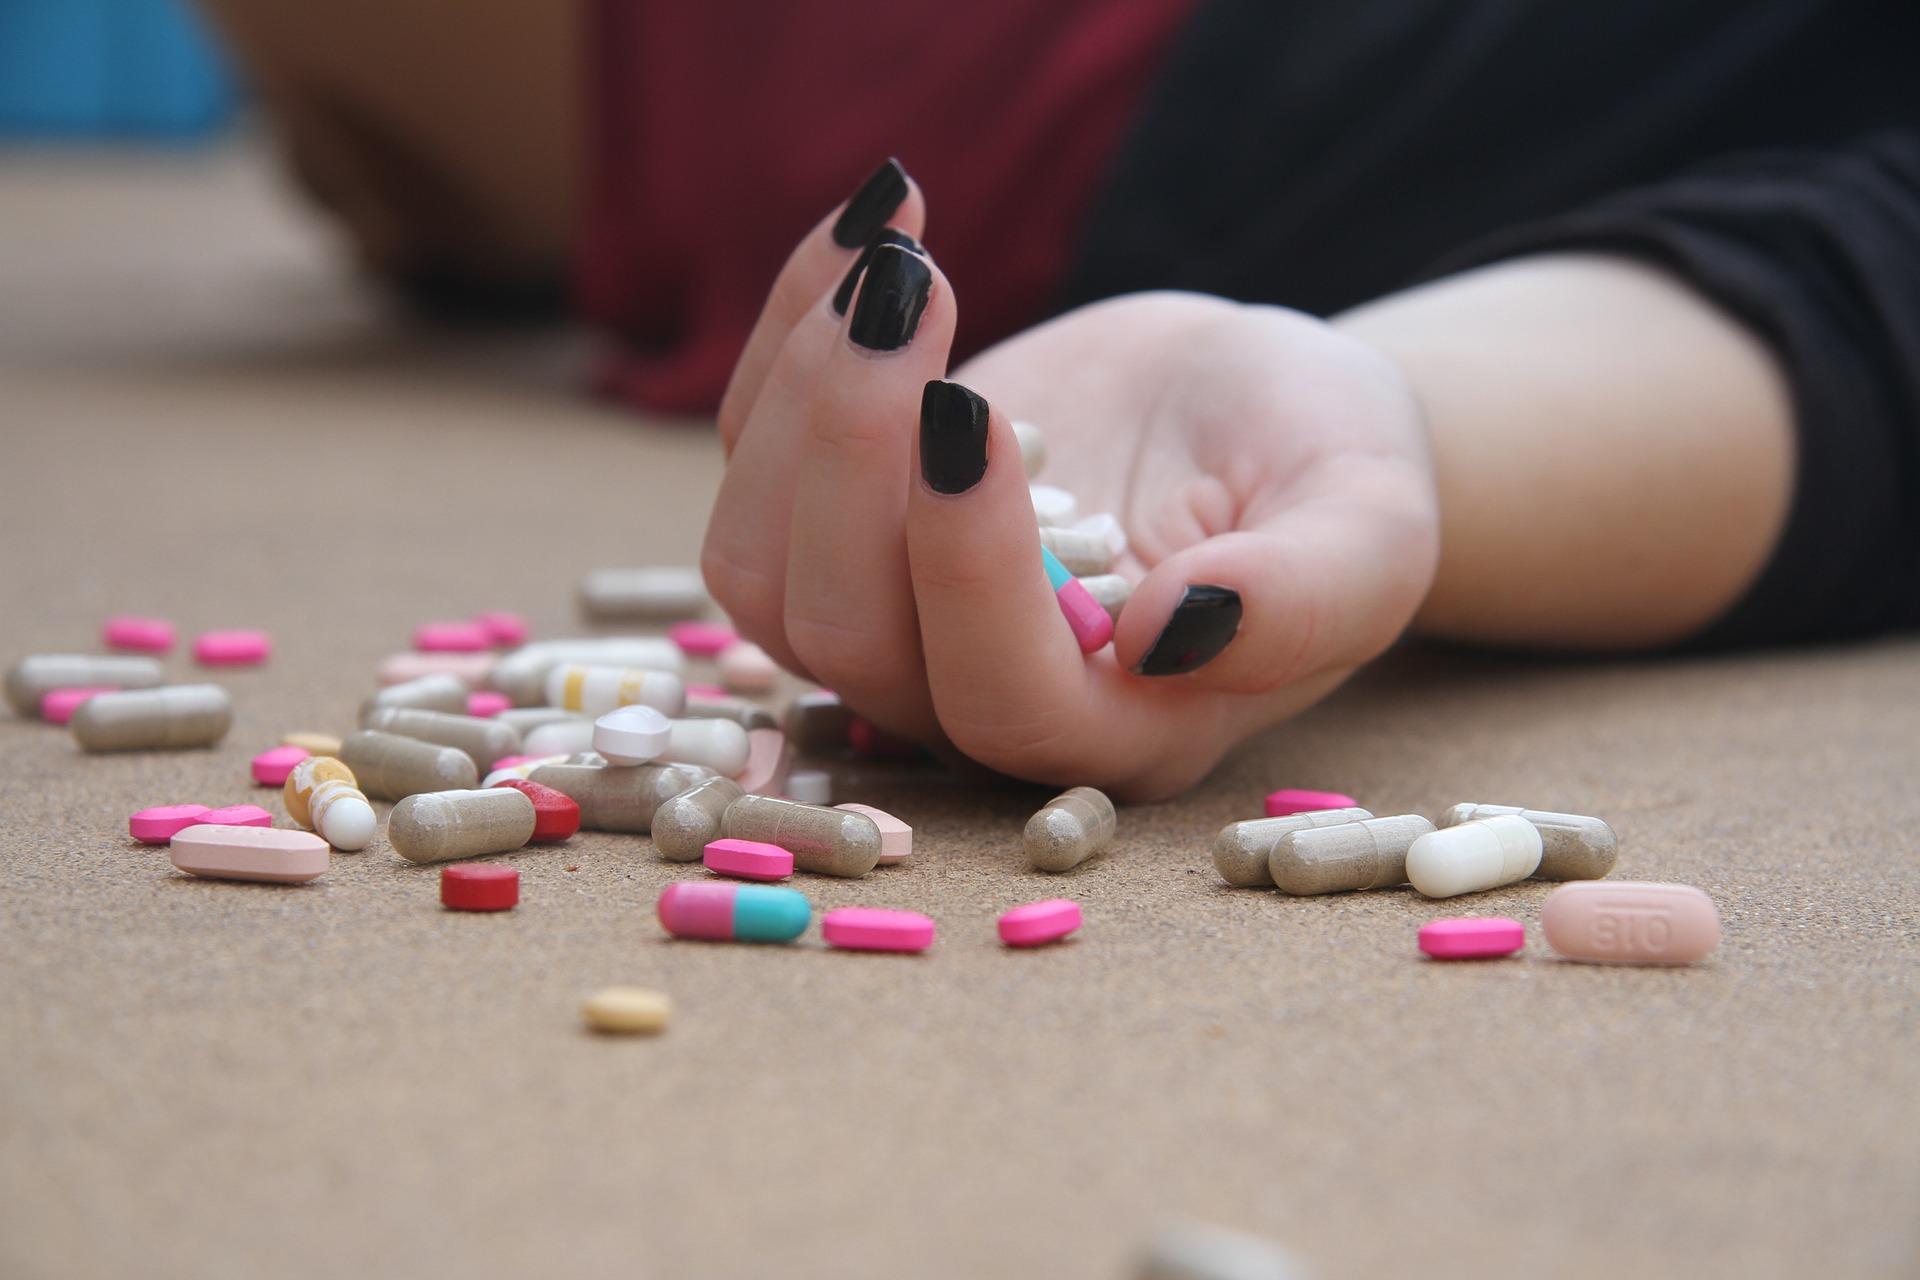 Prescription Pill Overdose Suicide